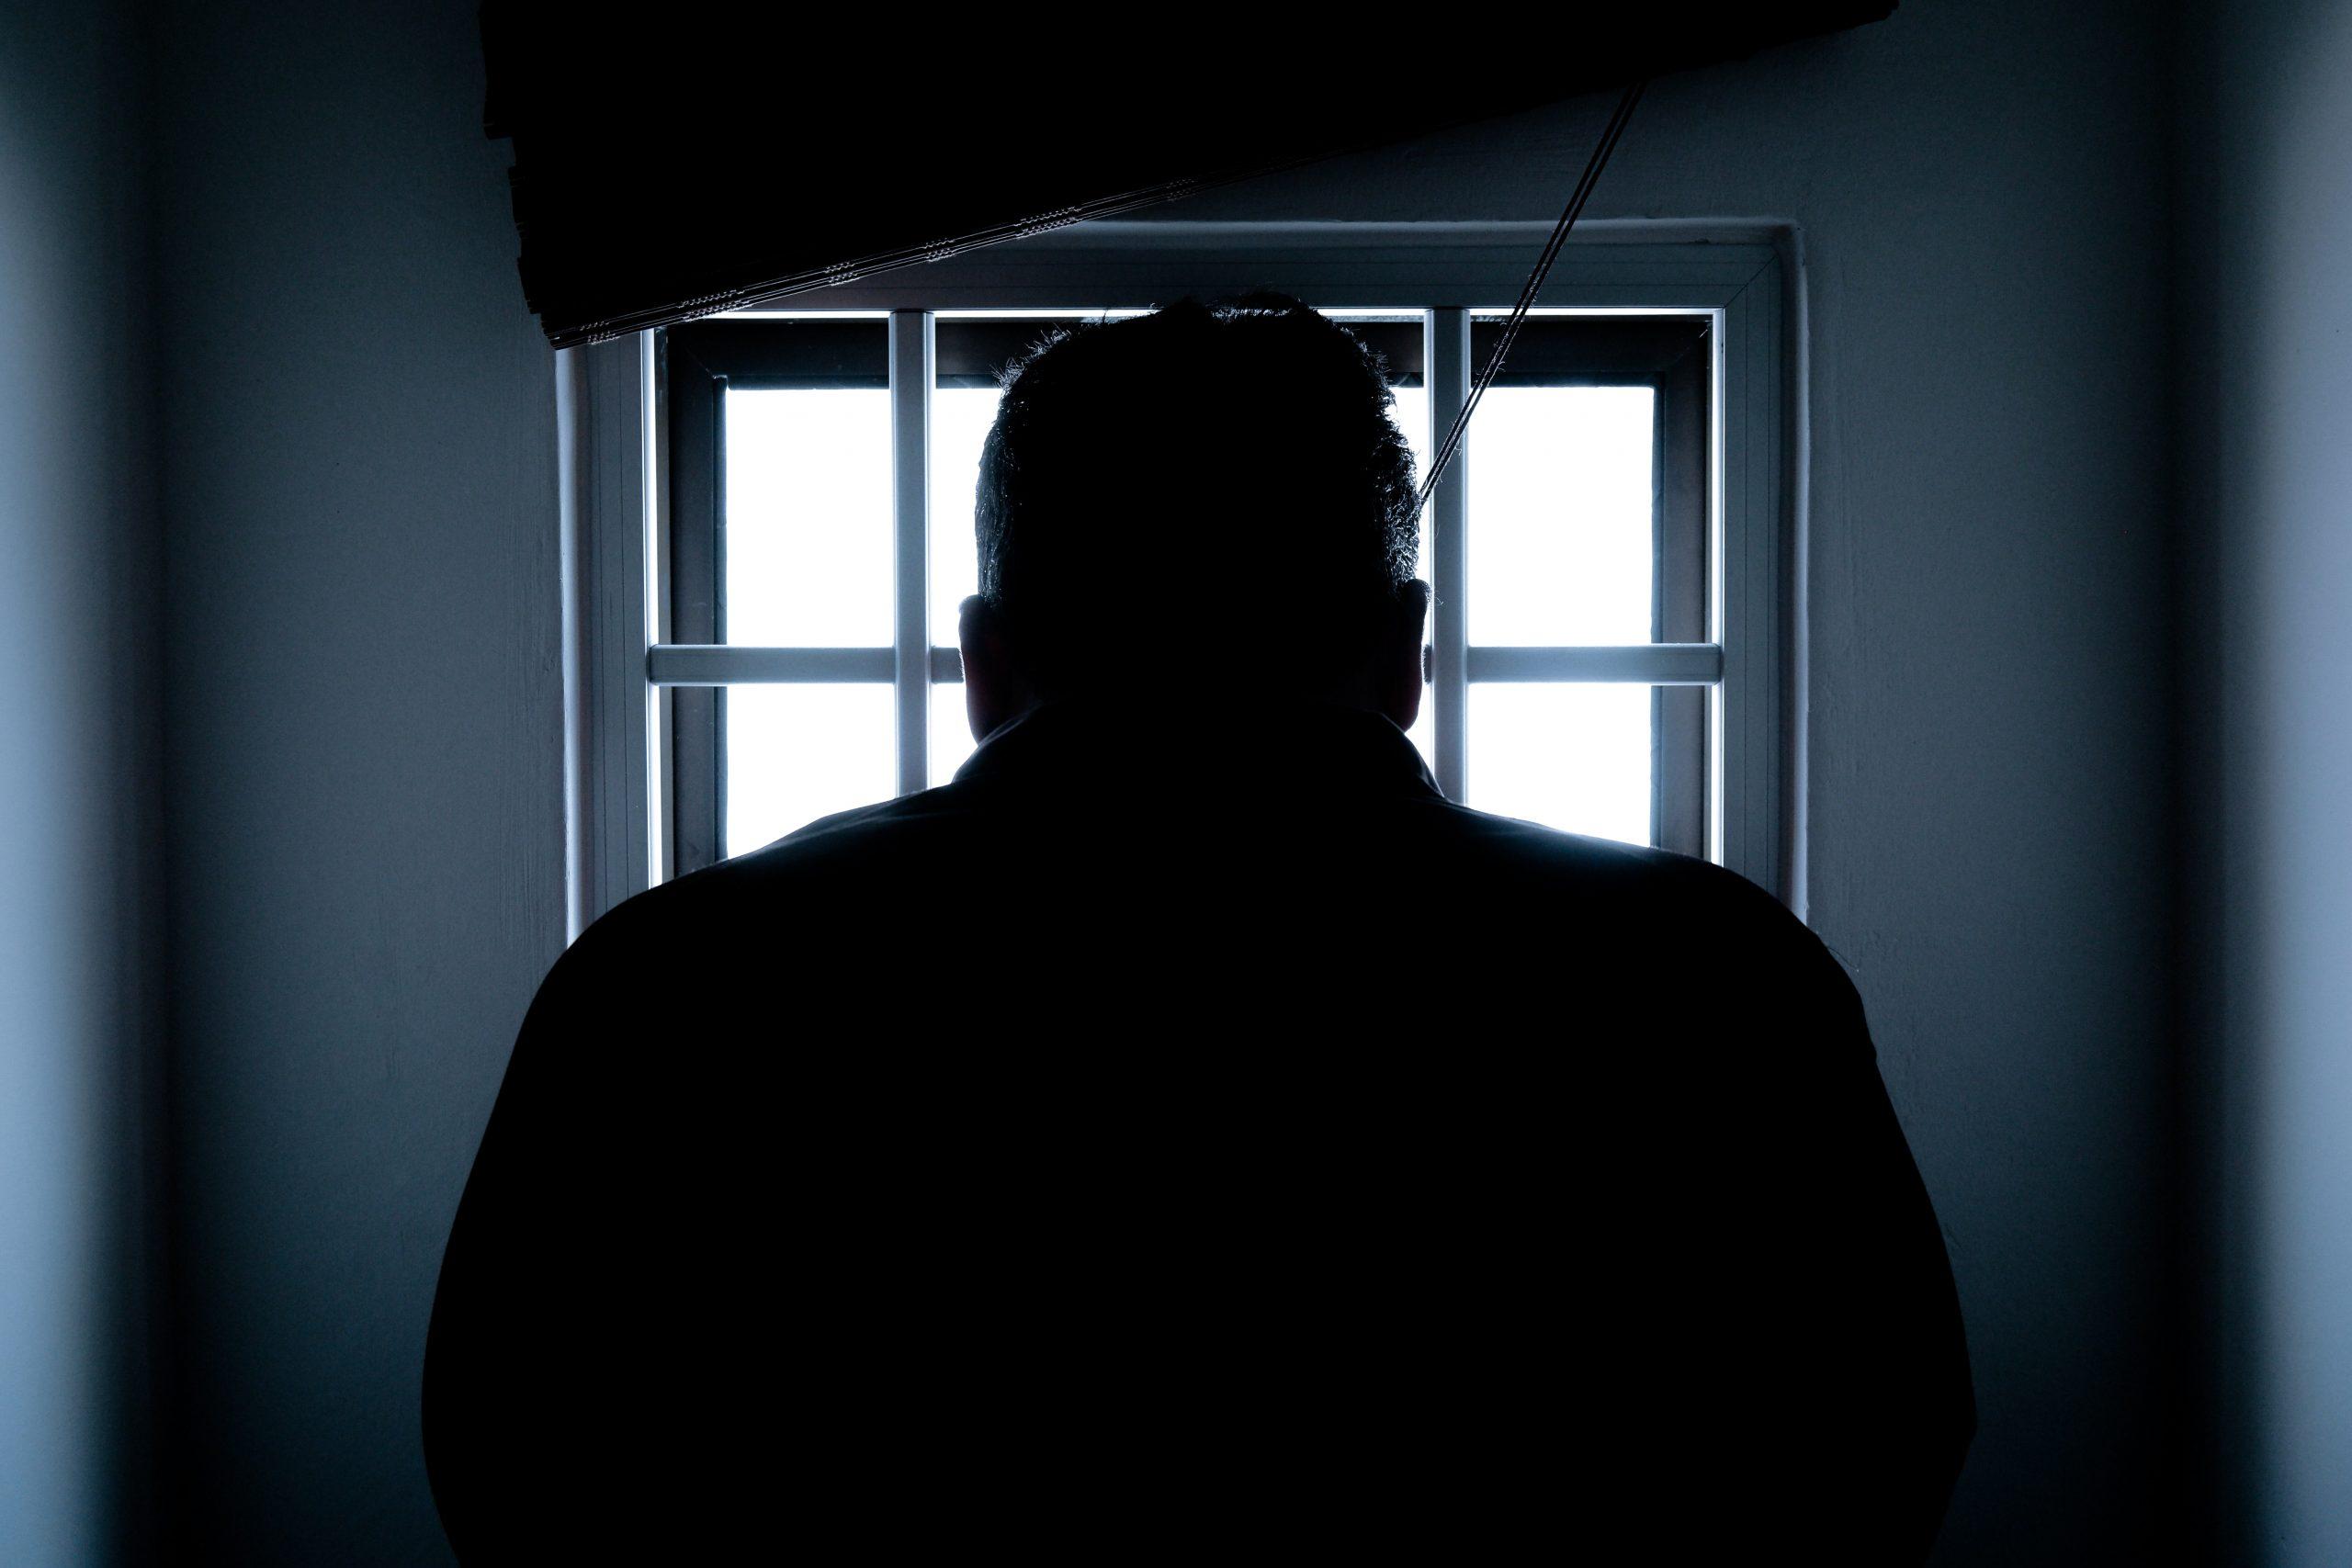 Ленивое дело. На процесс по уголовному делу за оскорблению начальника ГАИ не явились ни подсудимый, ни потерпевший